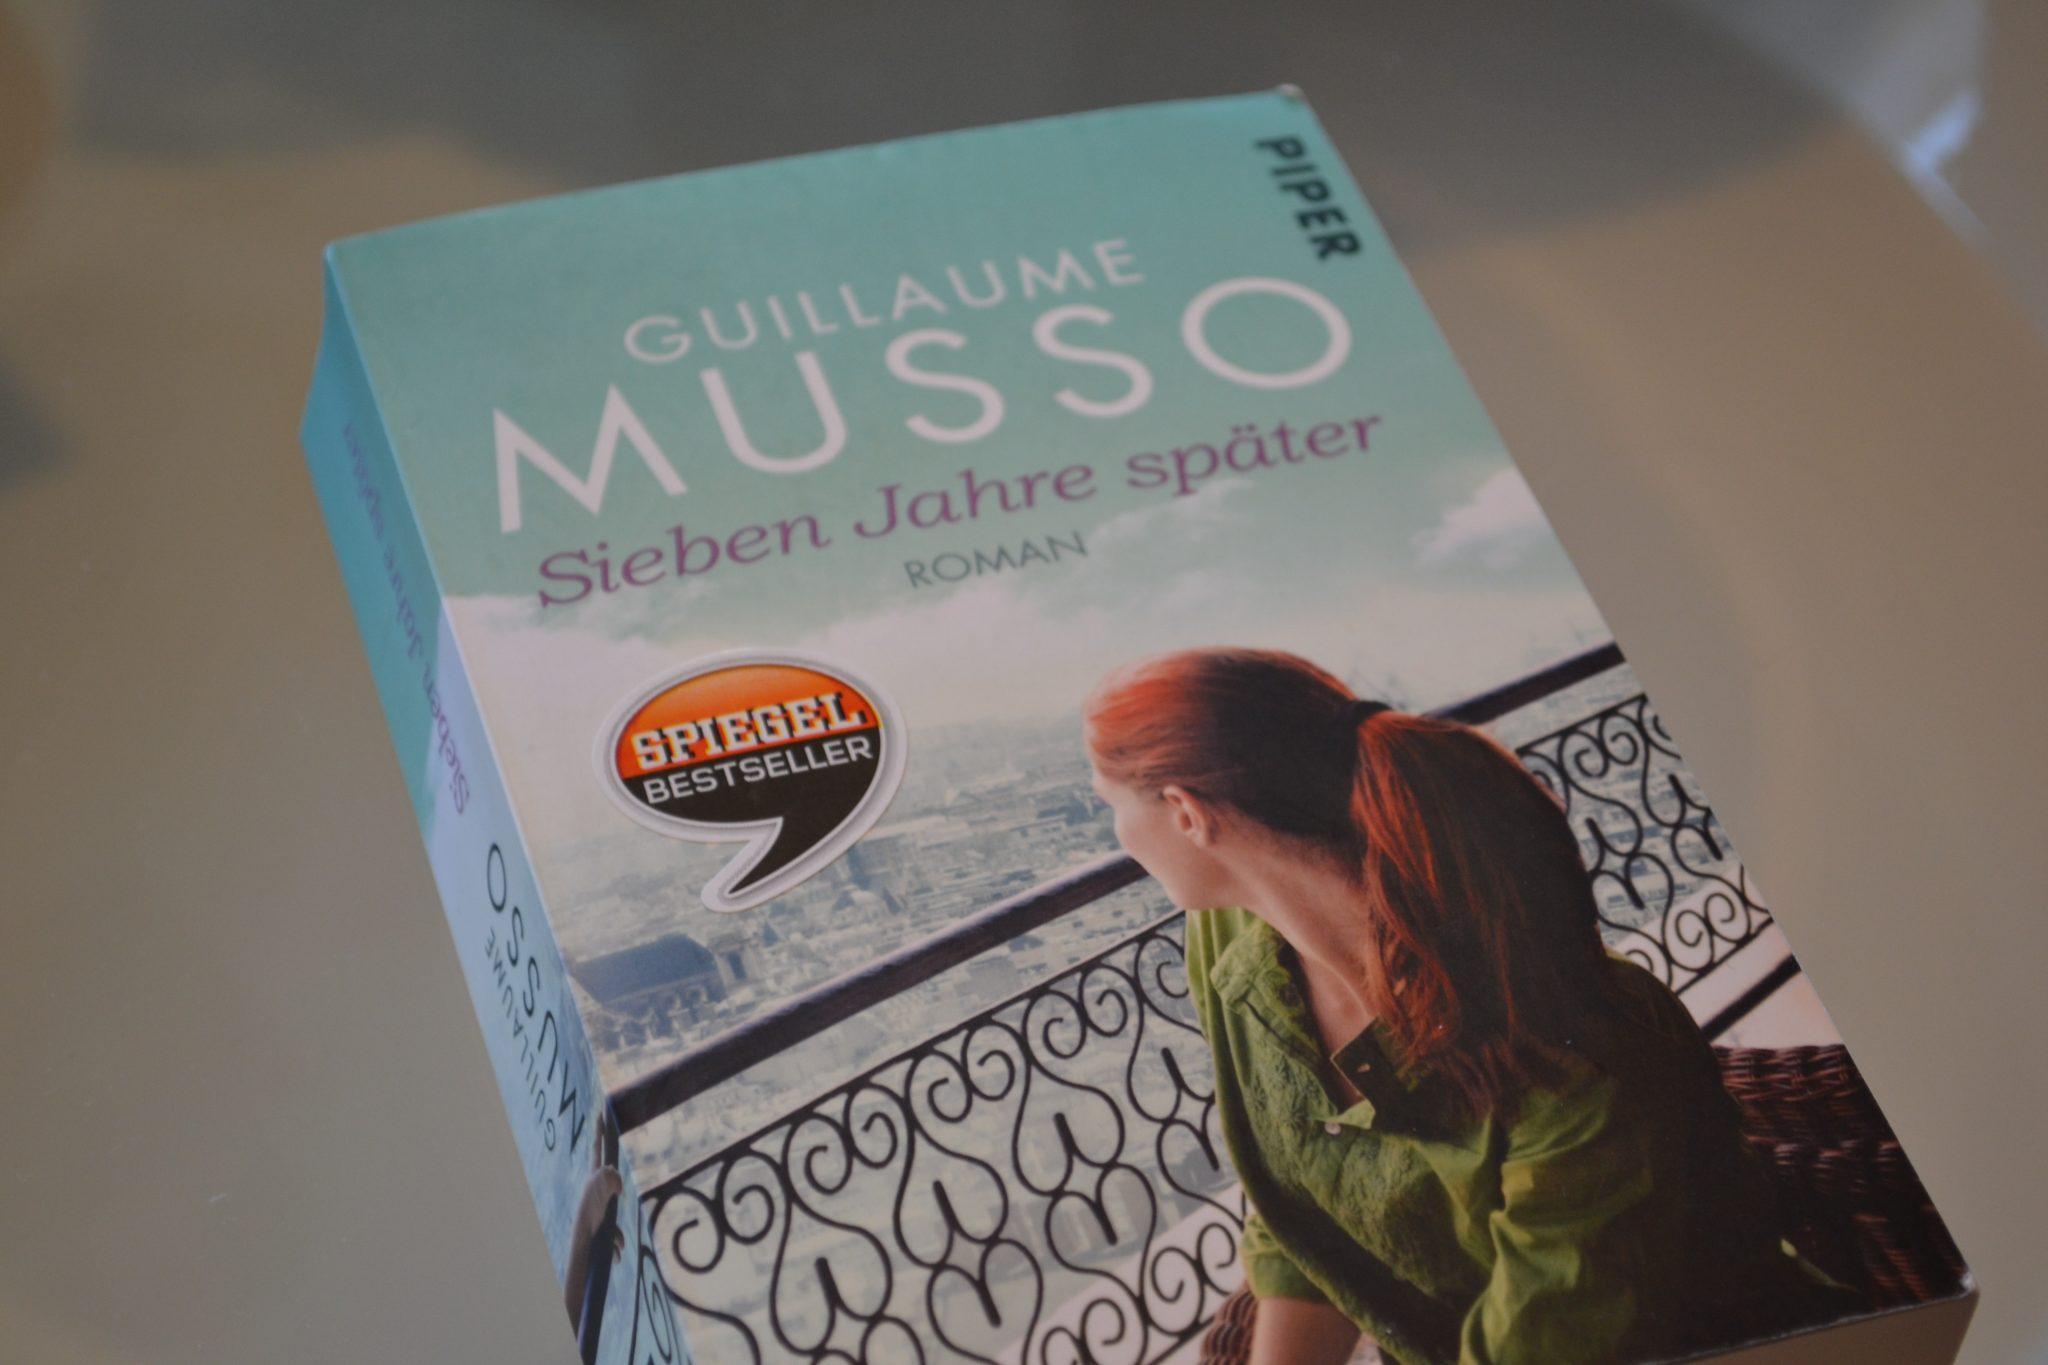 Books: Sieben Jahre später | Guillaume Musso - DSC 0024